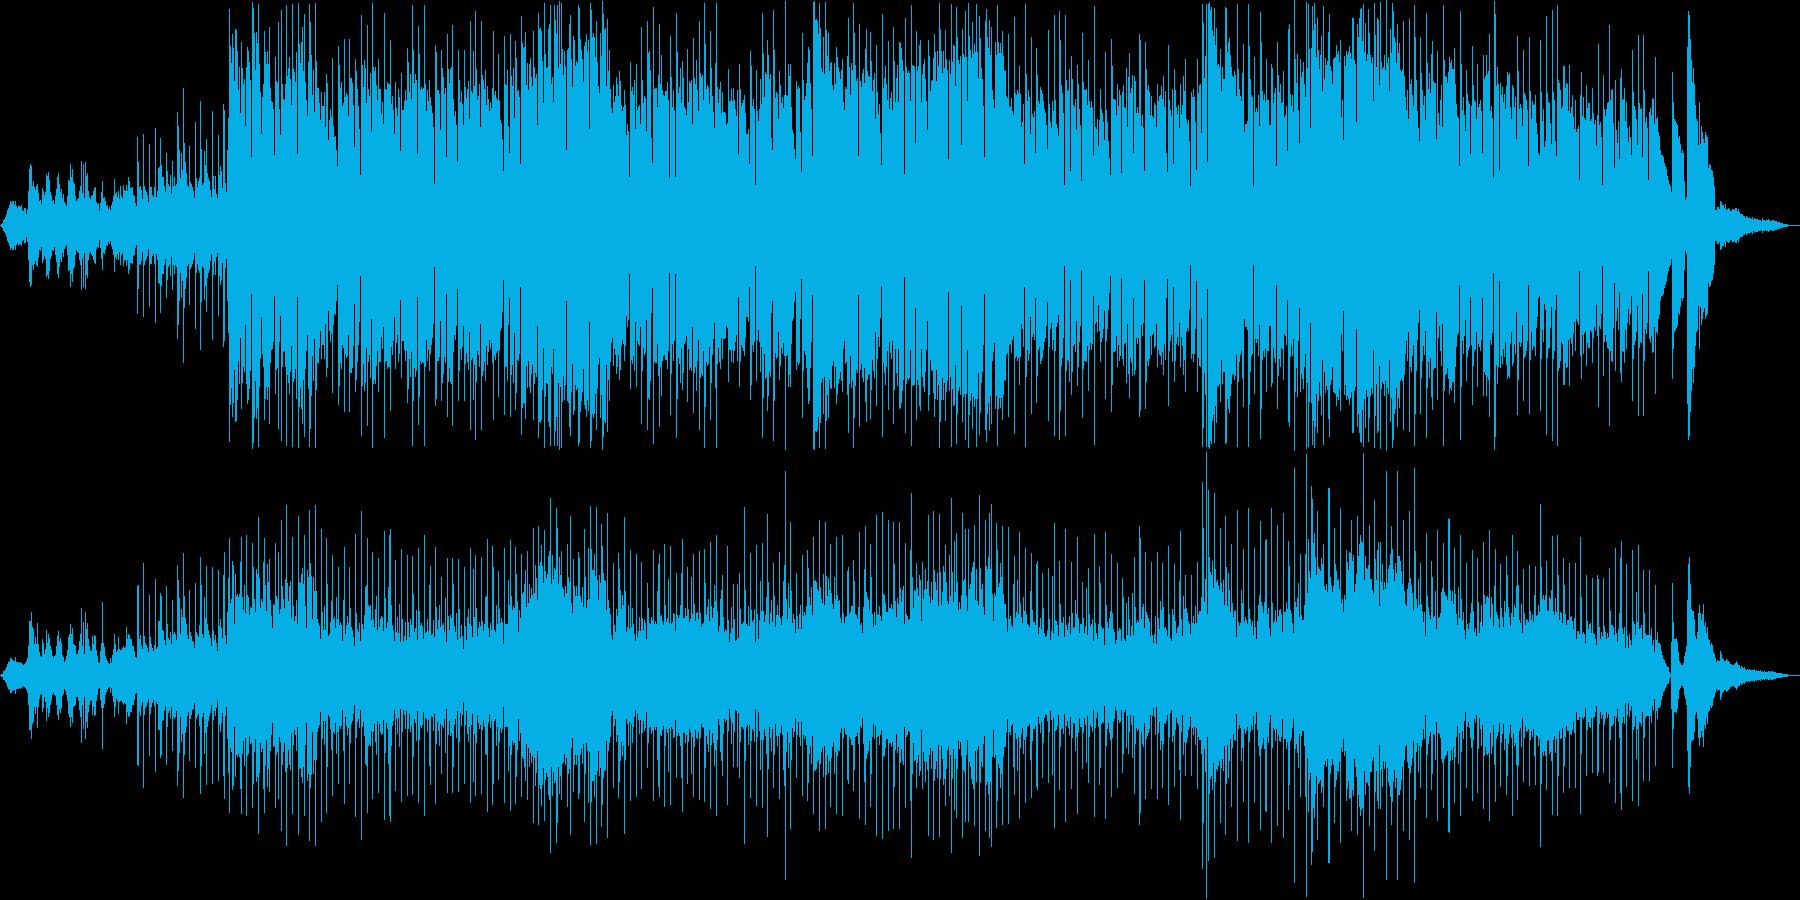 アイルランドとスコットランドの音楽...の再生済みの波形